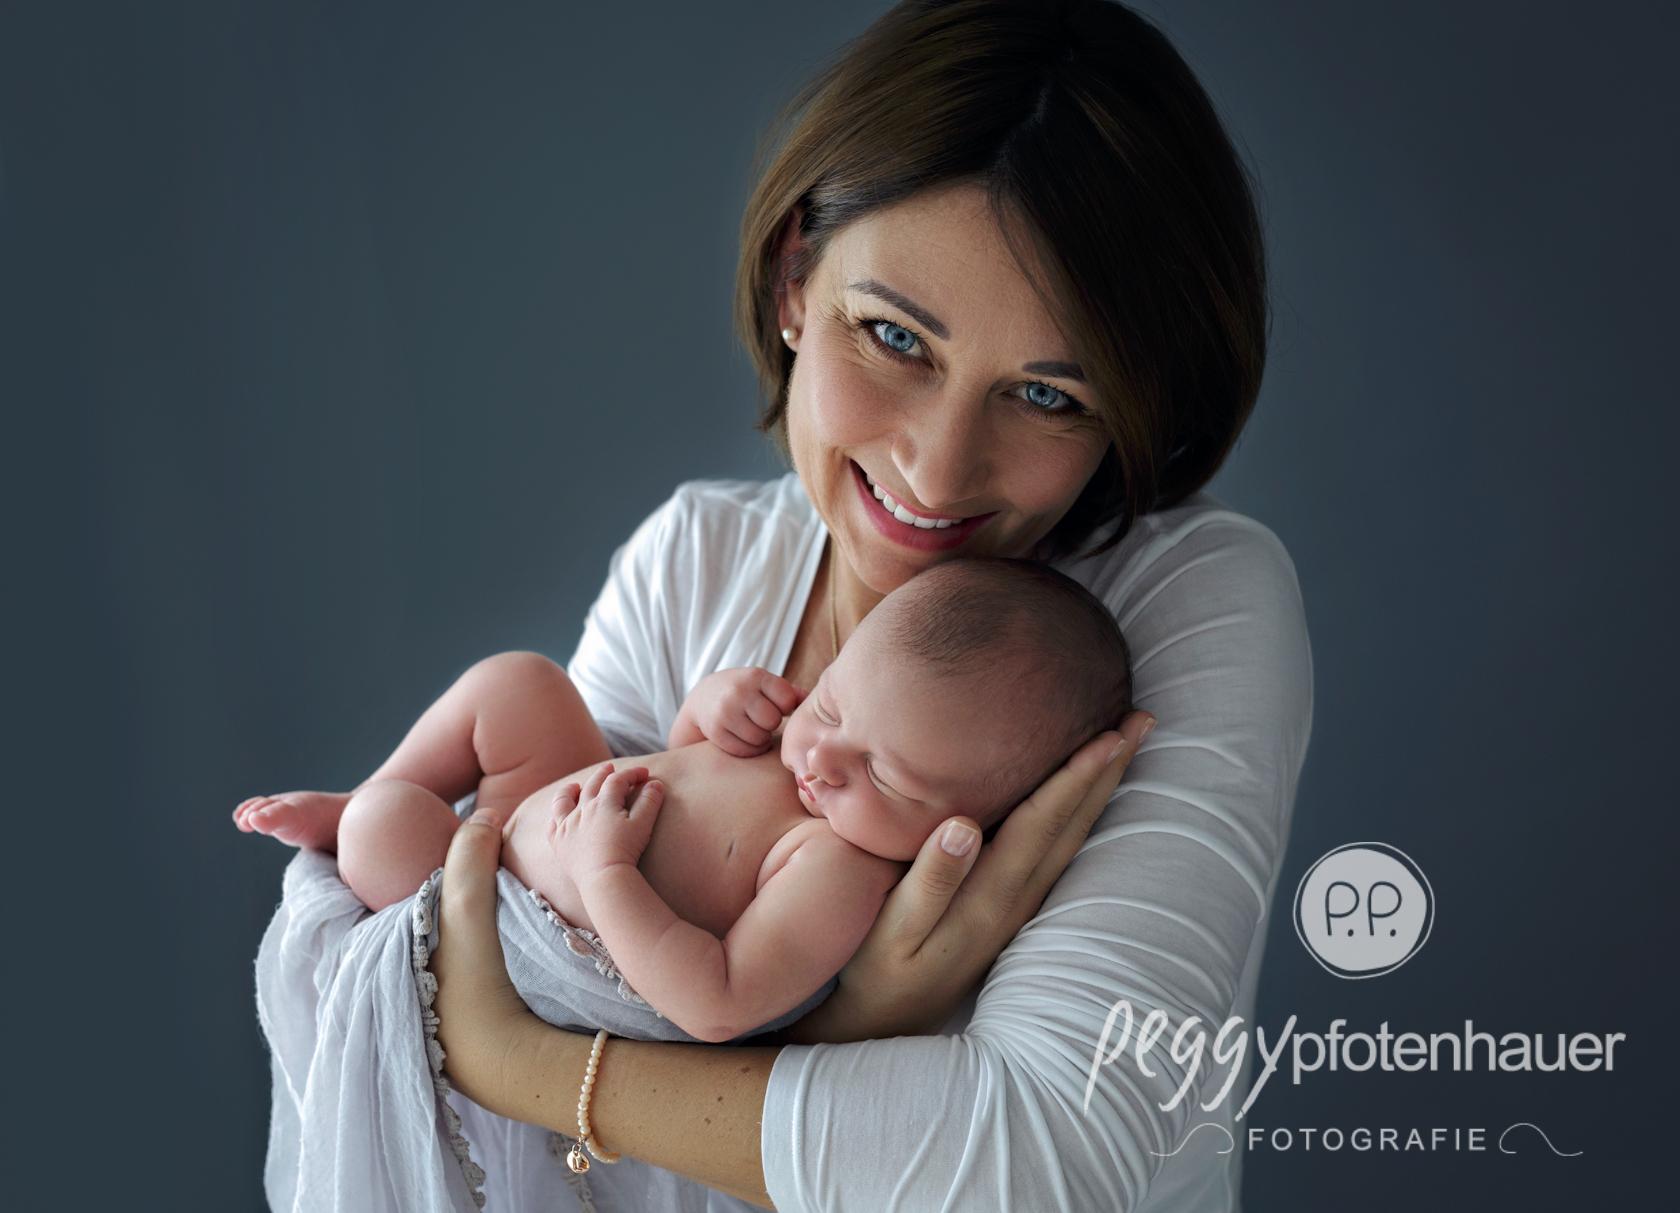 Mama Baby Fotos Peggy Pfotenhauer Fotografie